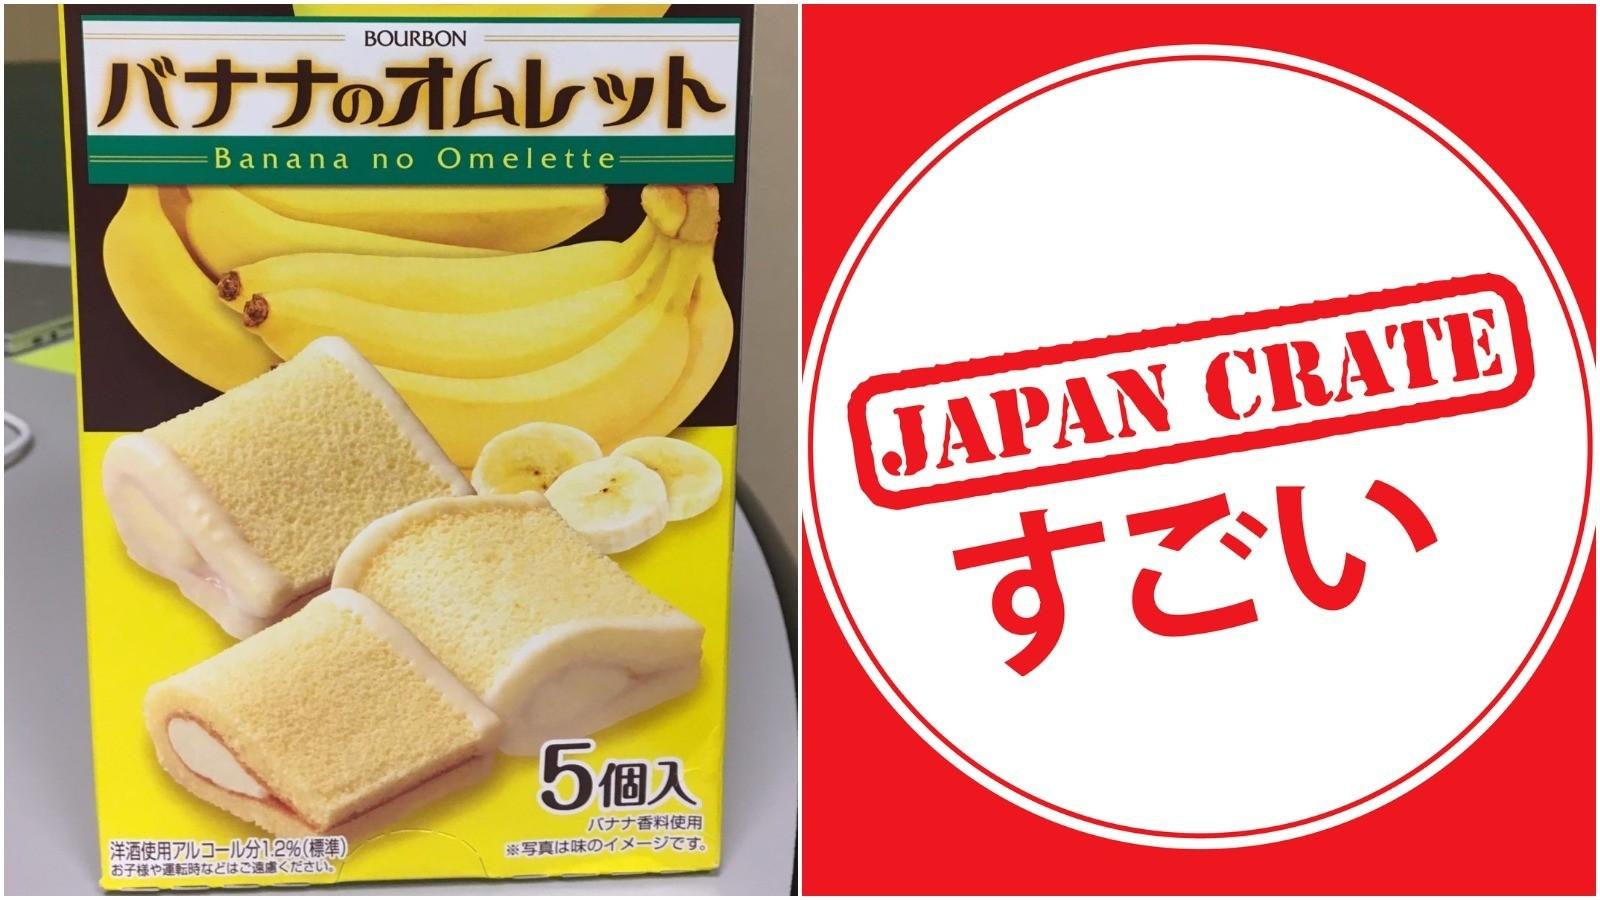 japan crate banana omelette